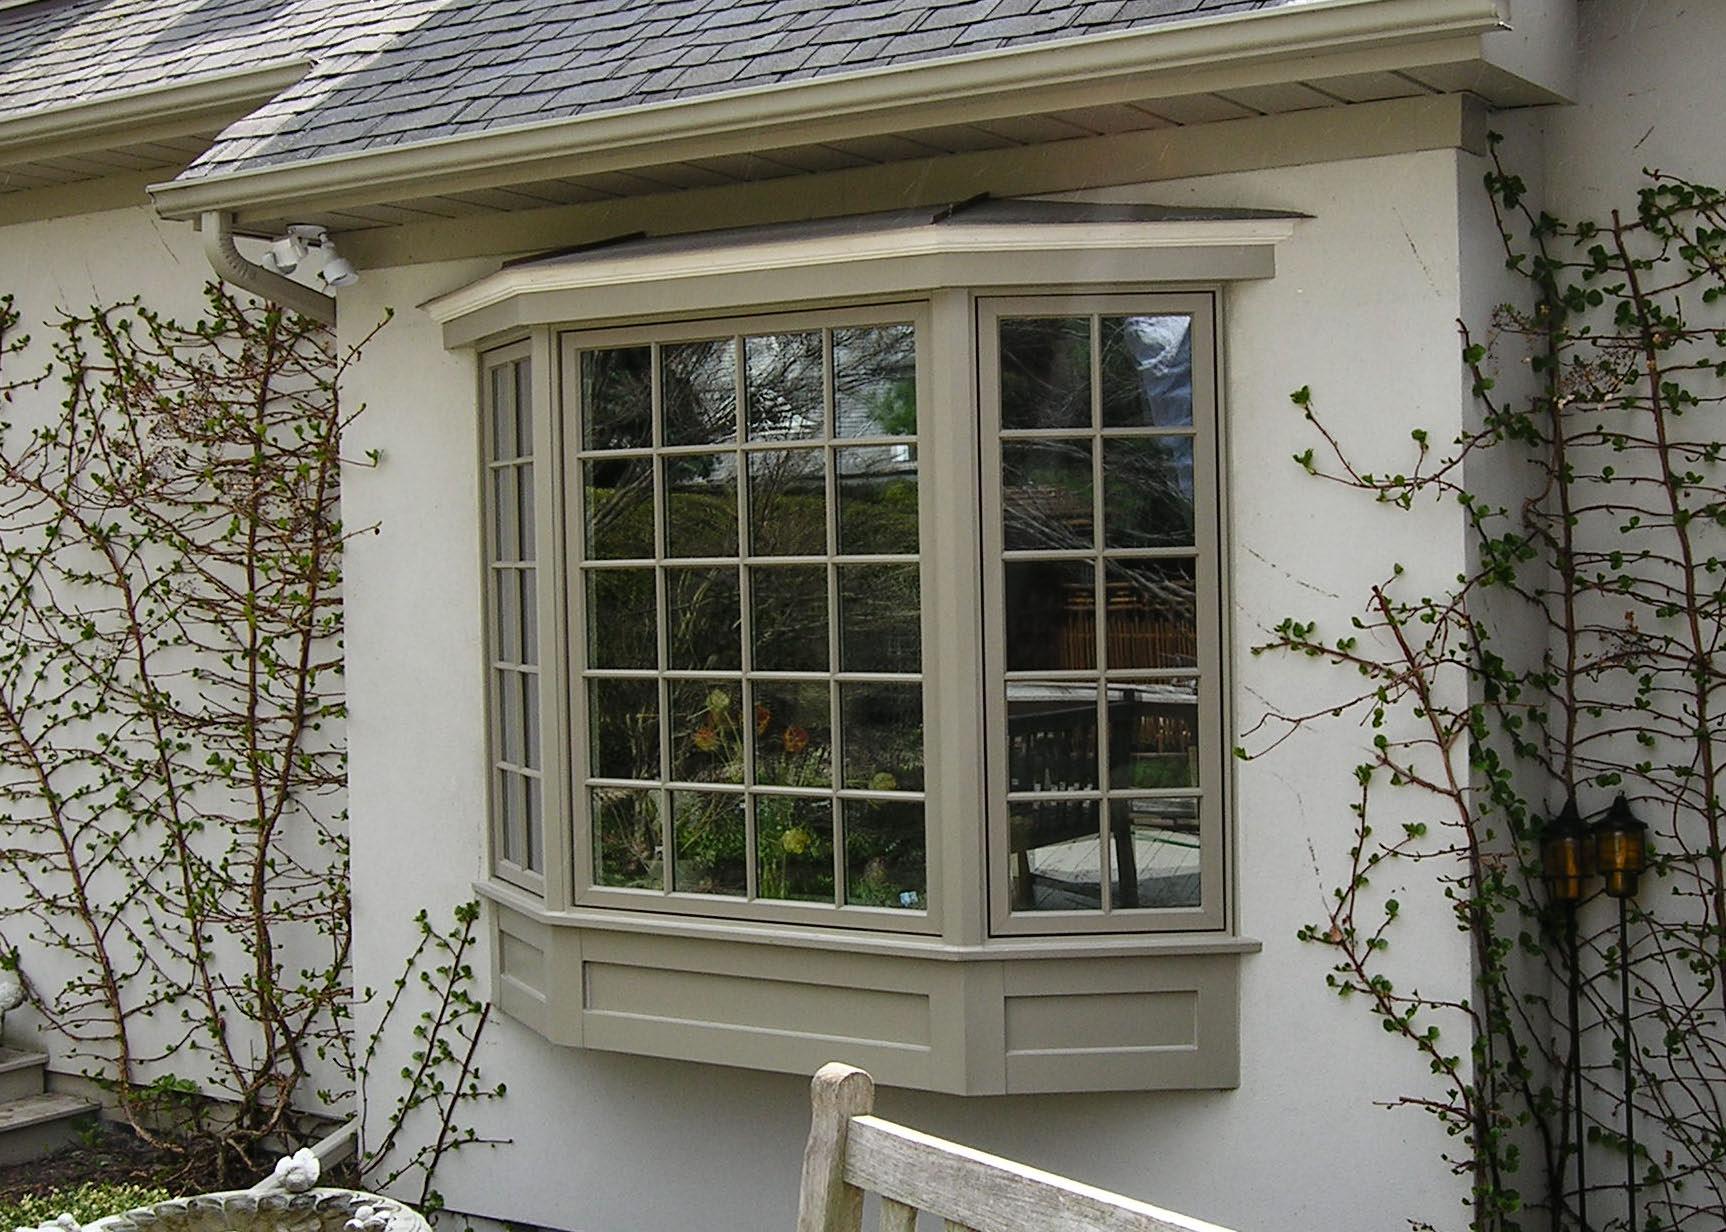 Buitenschrijnwerk alles over buitenschrijnwerk voor uw for Window design outside